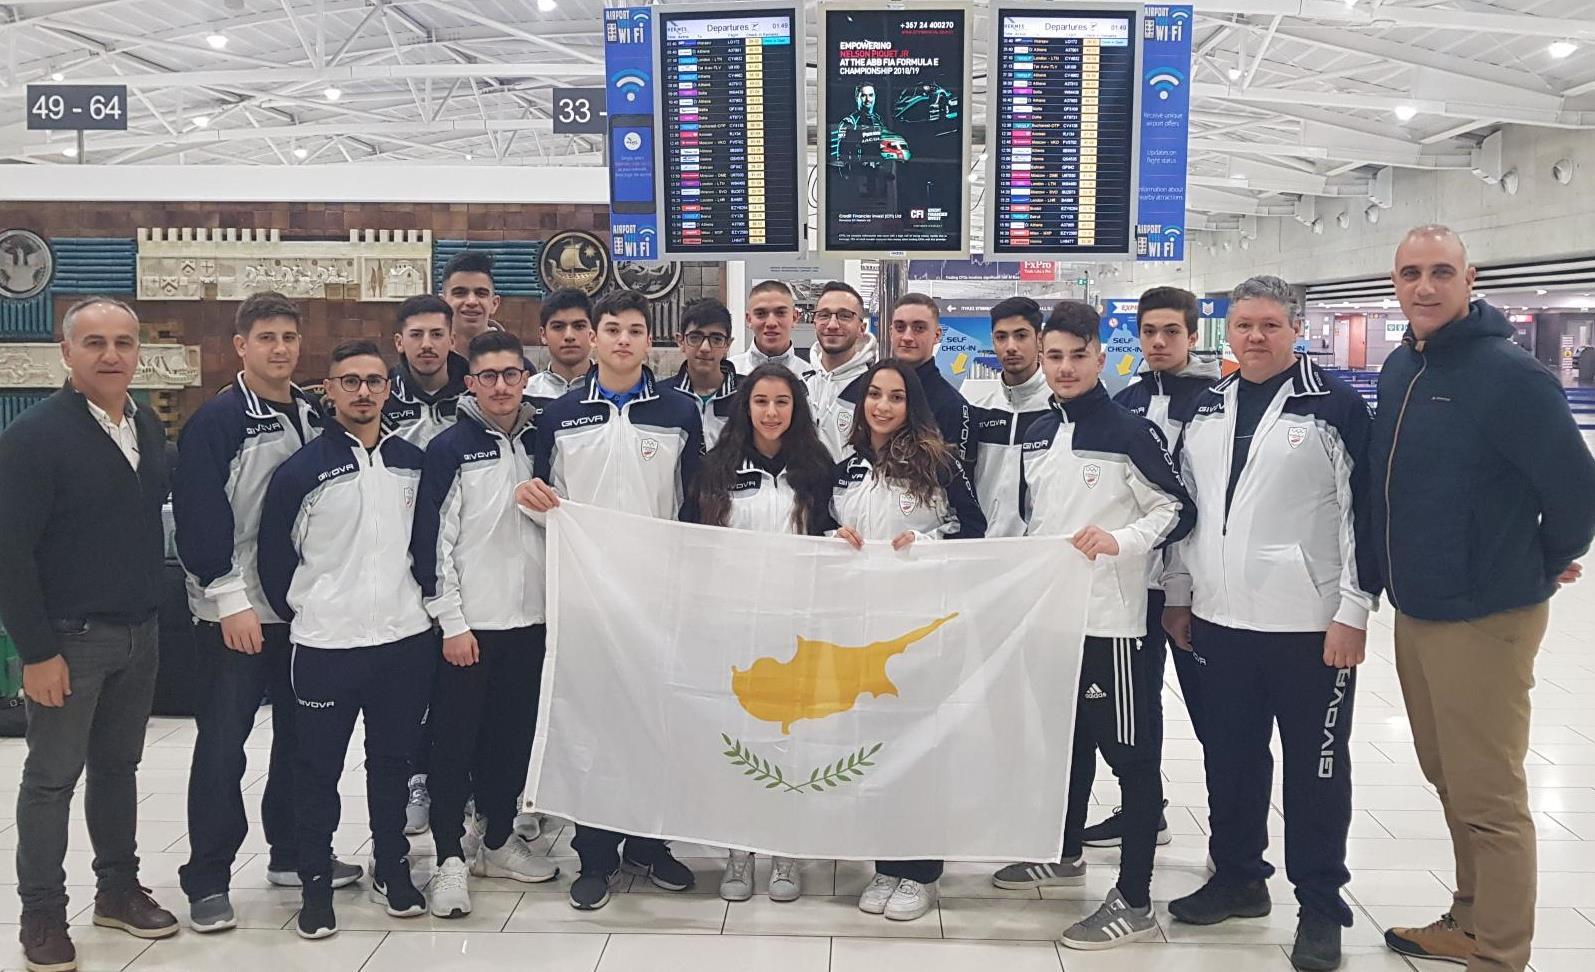 46ο Πανευρωπαικό Πρωτάθλημα Καράτε Εφήβων/Νέων/U21 Δανία 8-10/2/2019